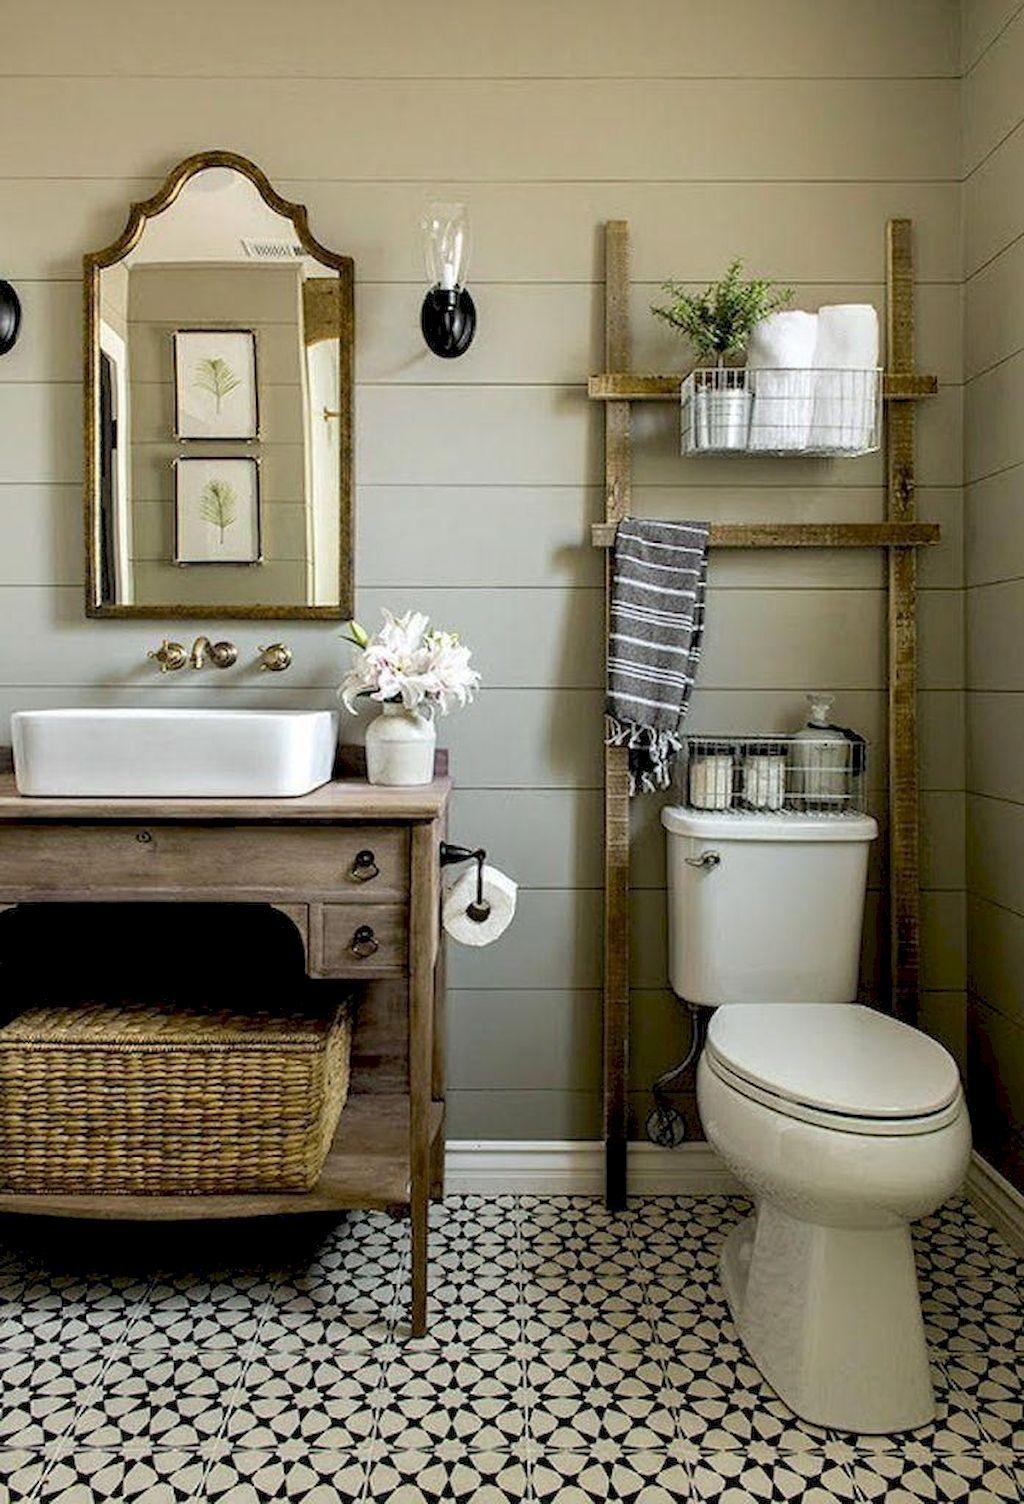 65 Inspiring French Country Bathroom Design Ideas Homixover Com Small Farmhouse Bathroom Farmhouse Bathroom Decor Farmhouse Bathroom Vanity